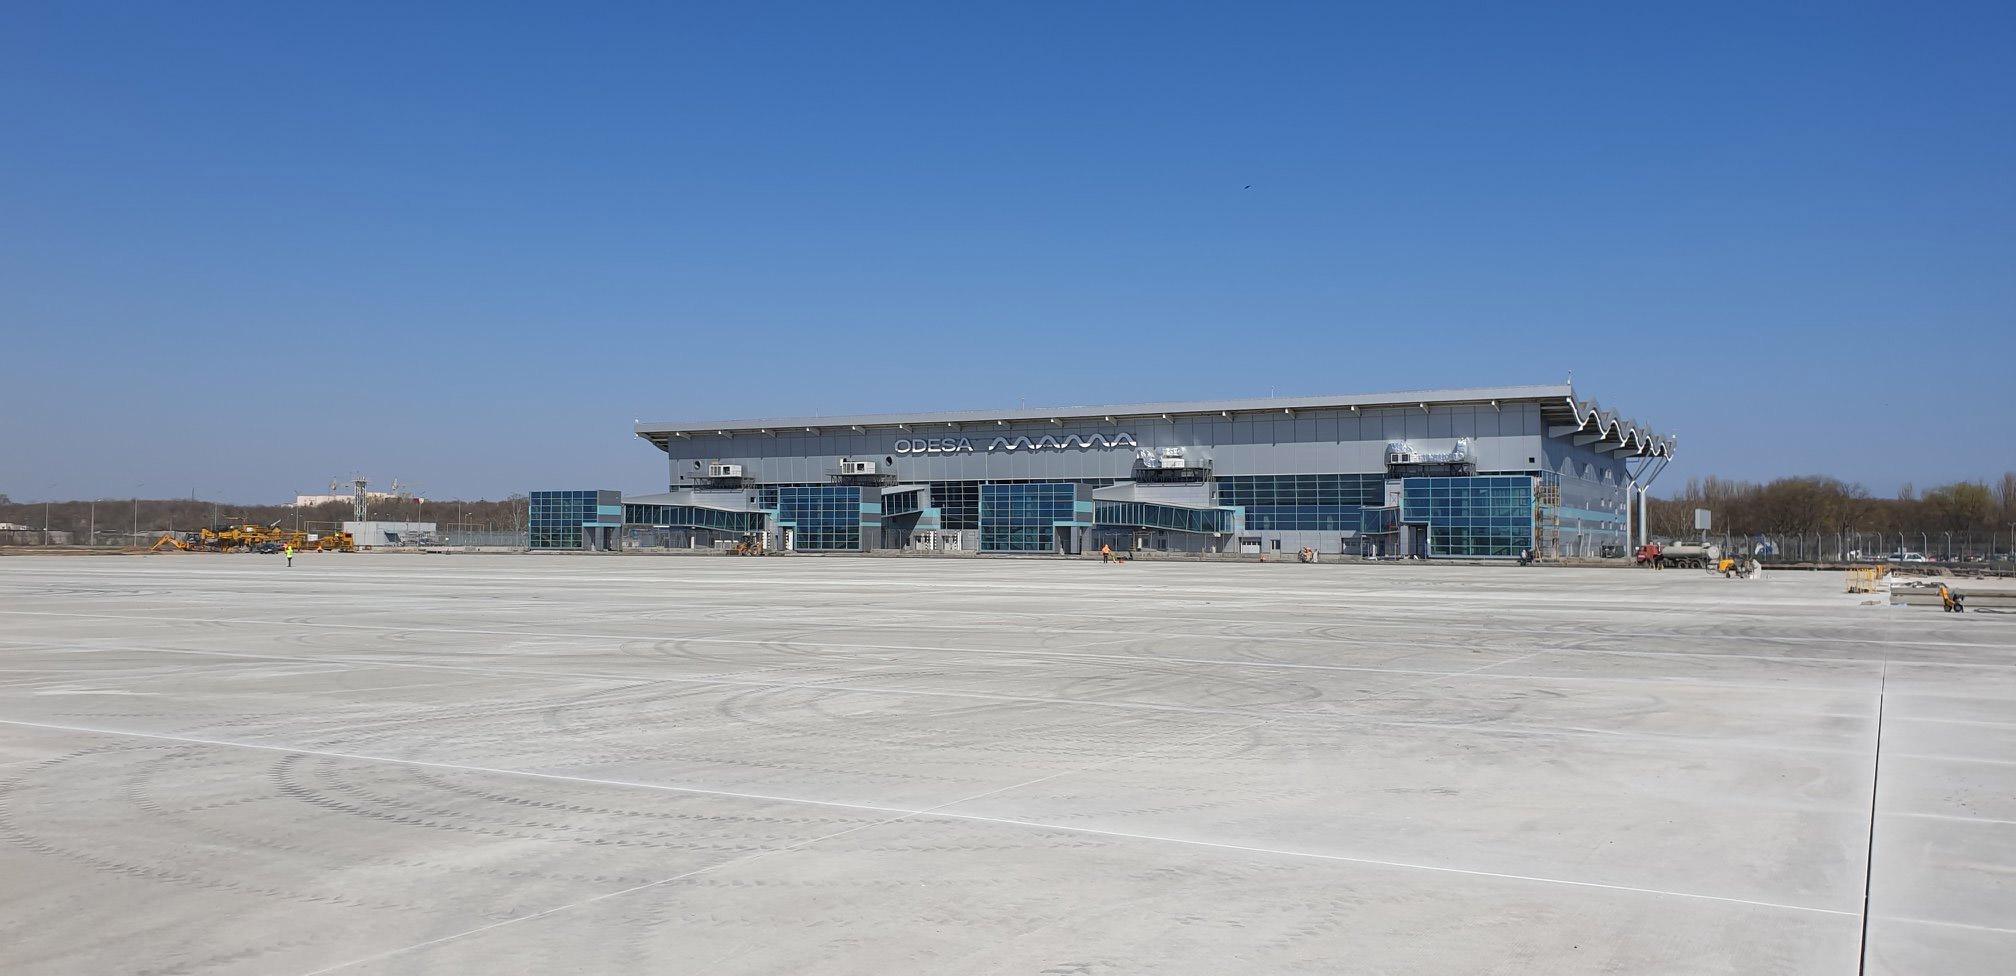 Новый перрон перед новым терминалом в аэропорту Одеса